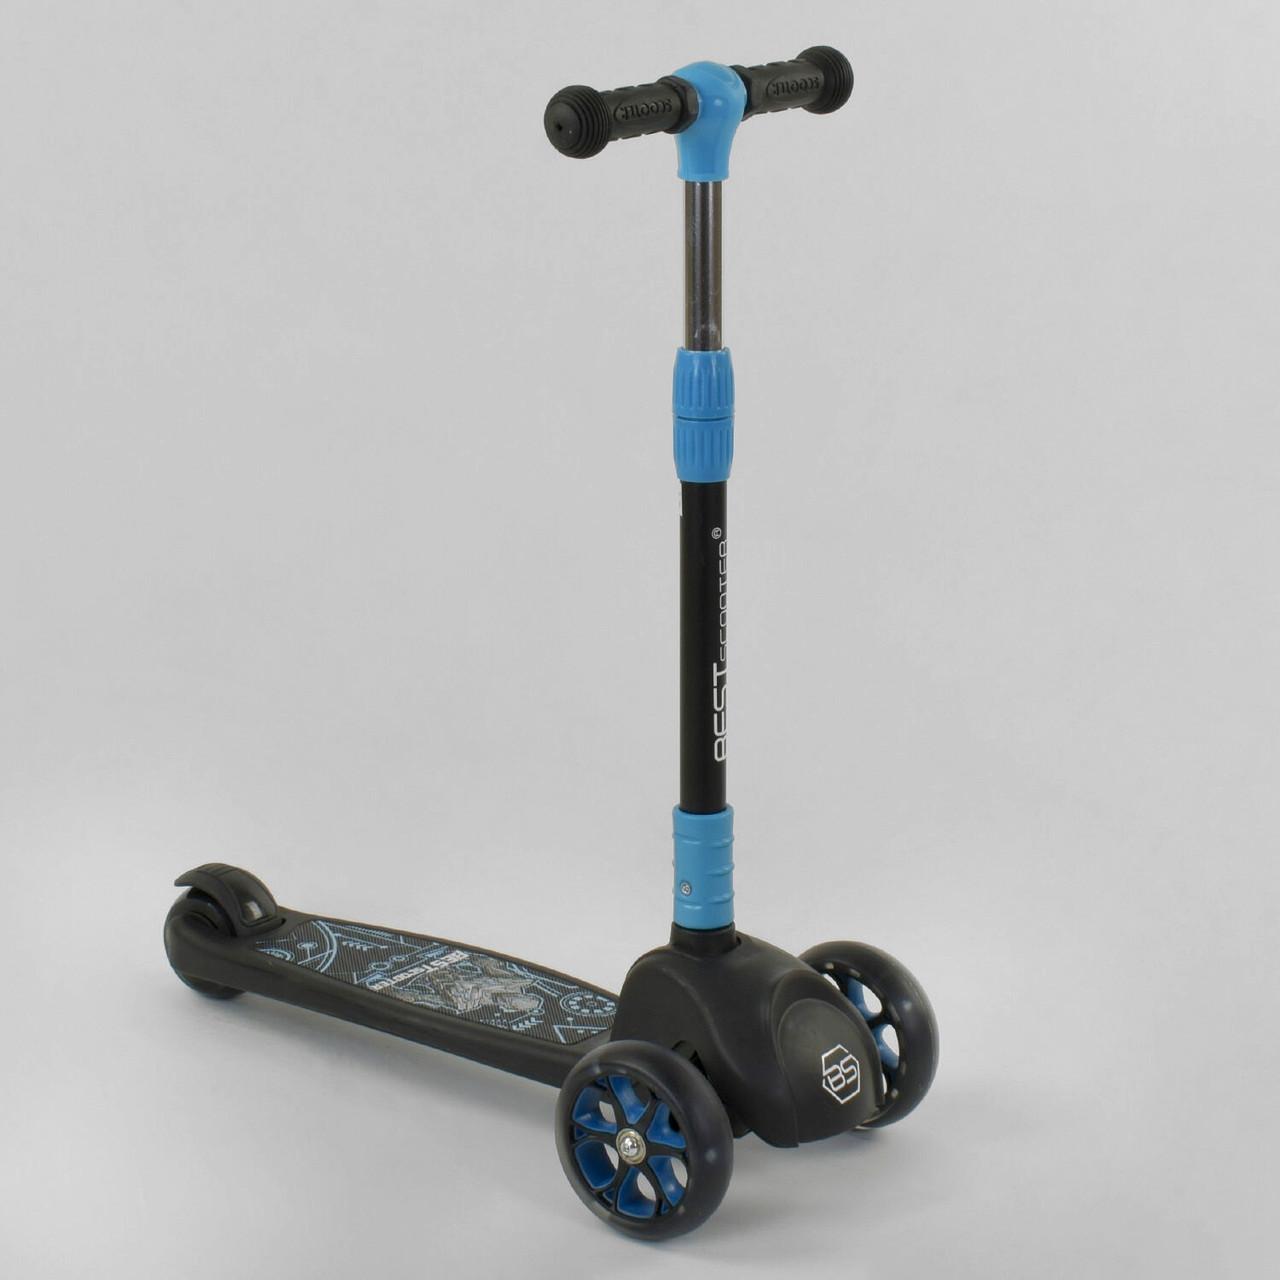 Детский трехколесный самокат Best Scooter 41522 Черный с синим